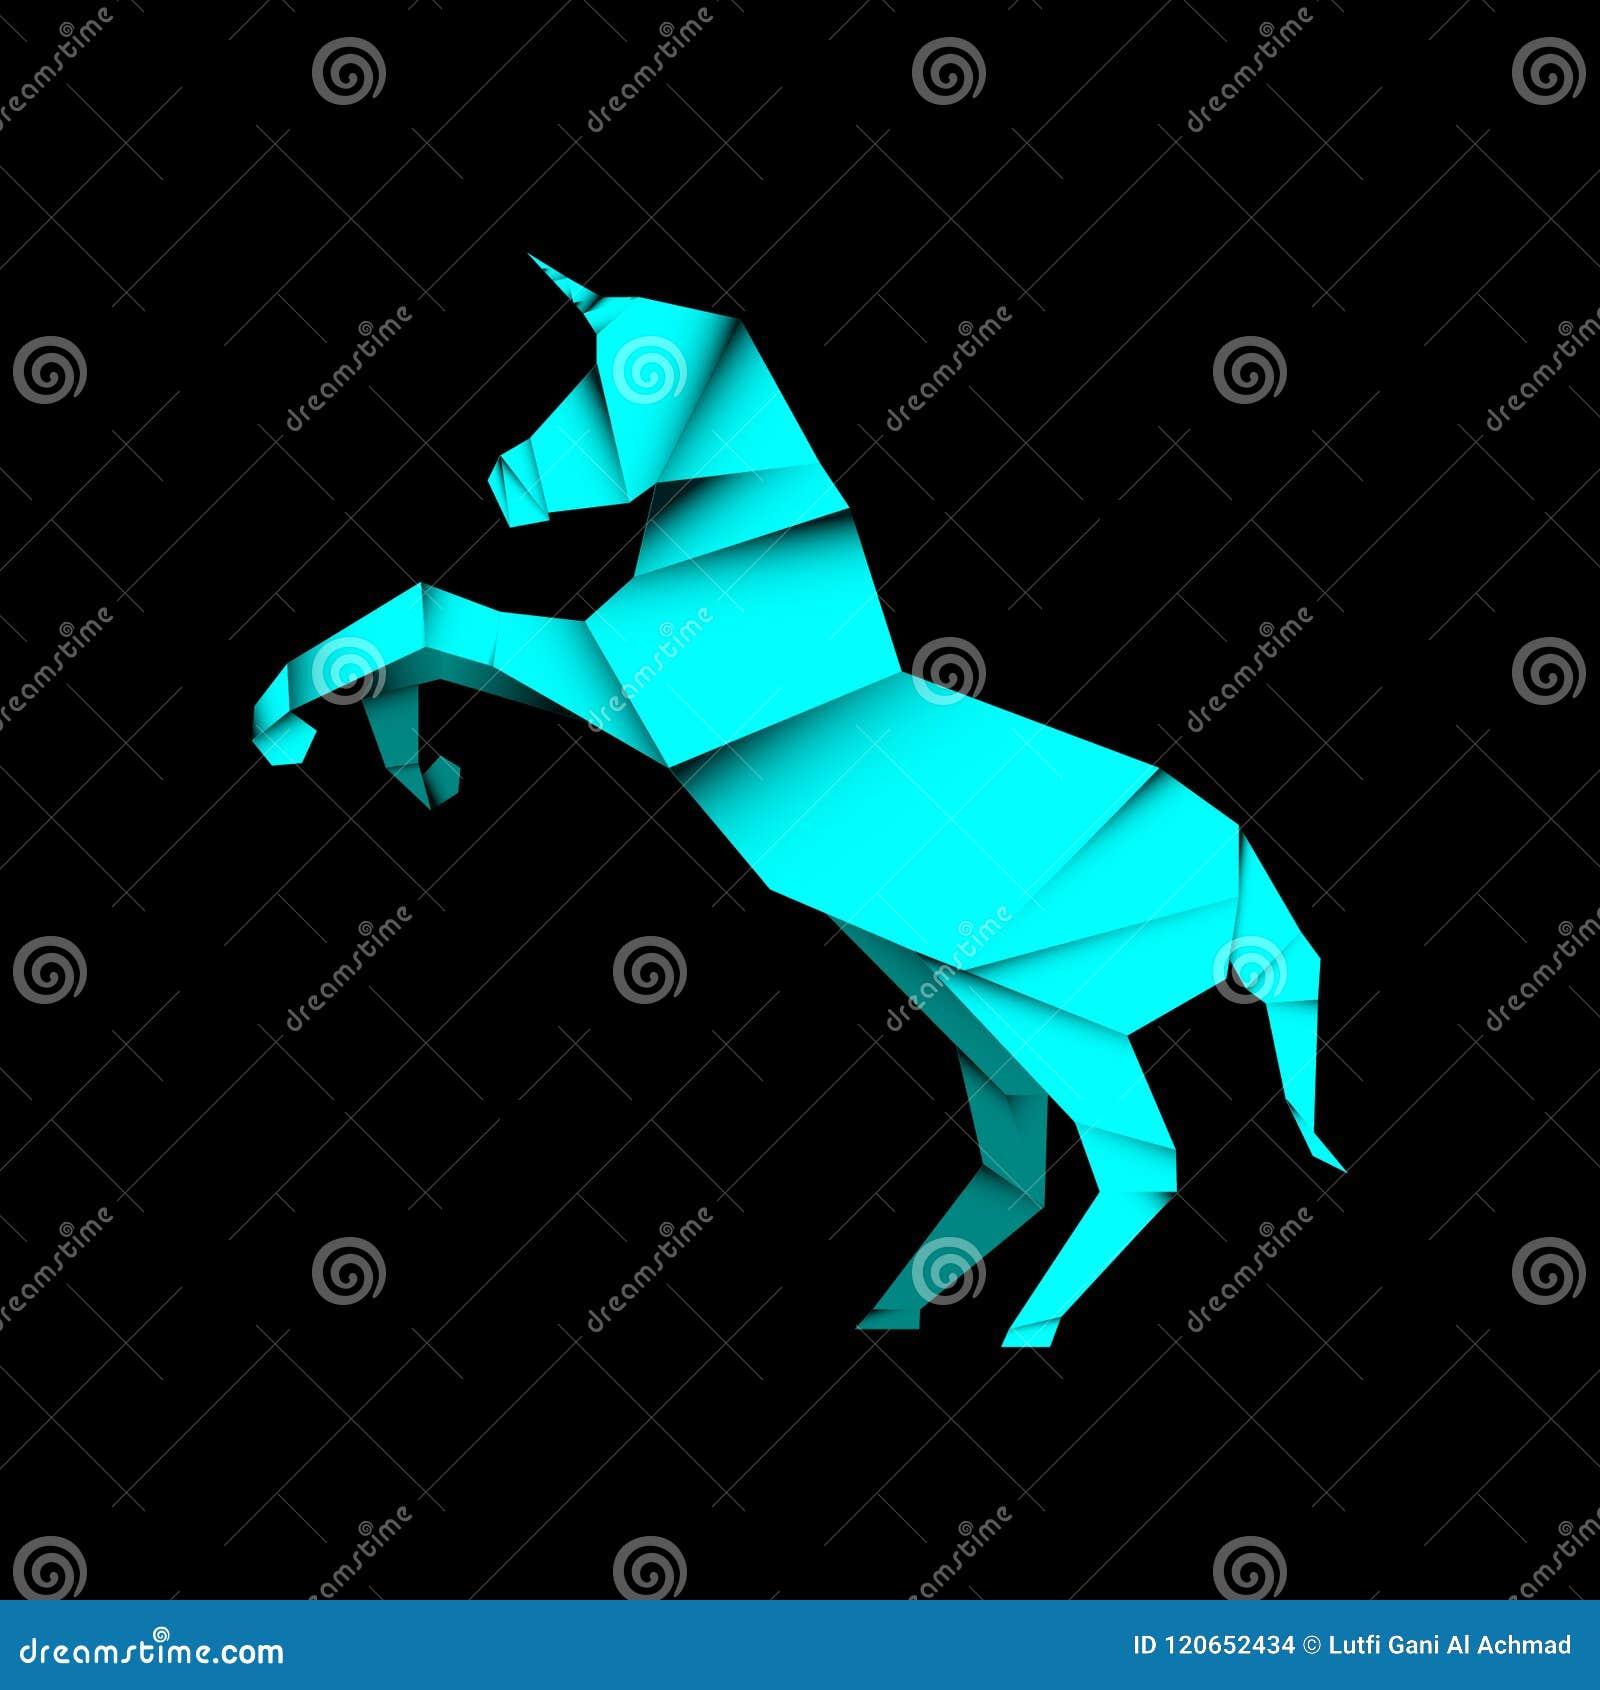 Animal unicorn origami style